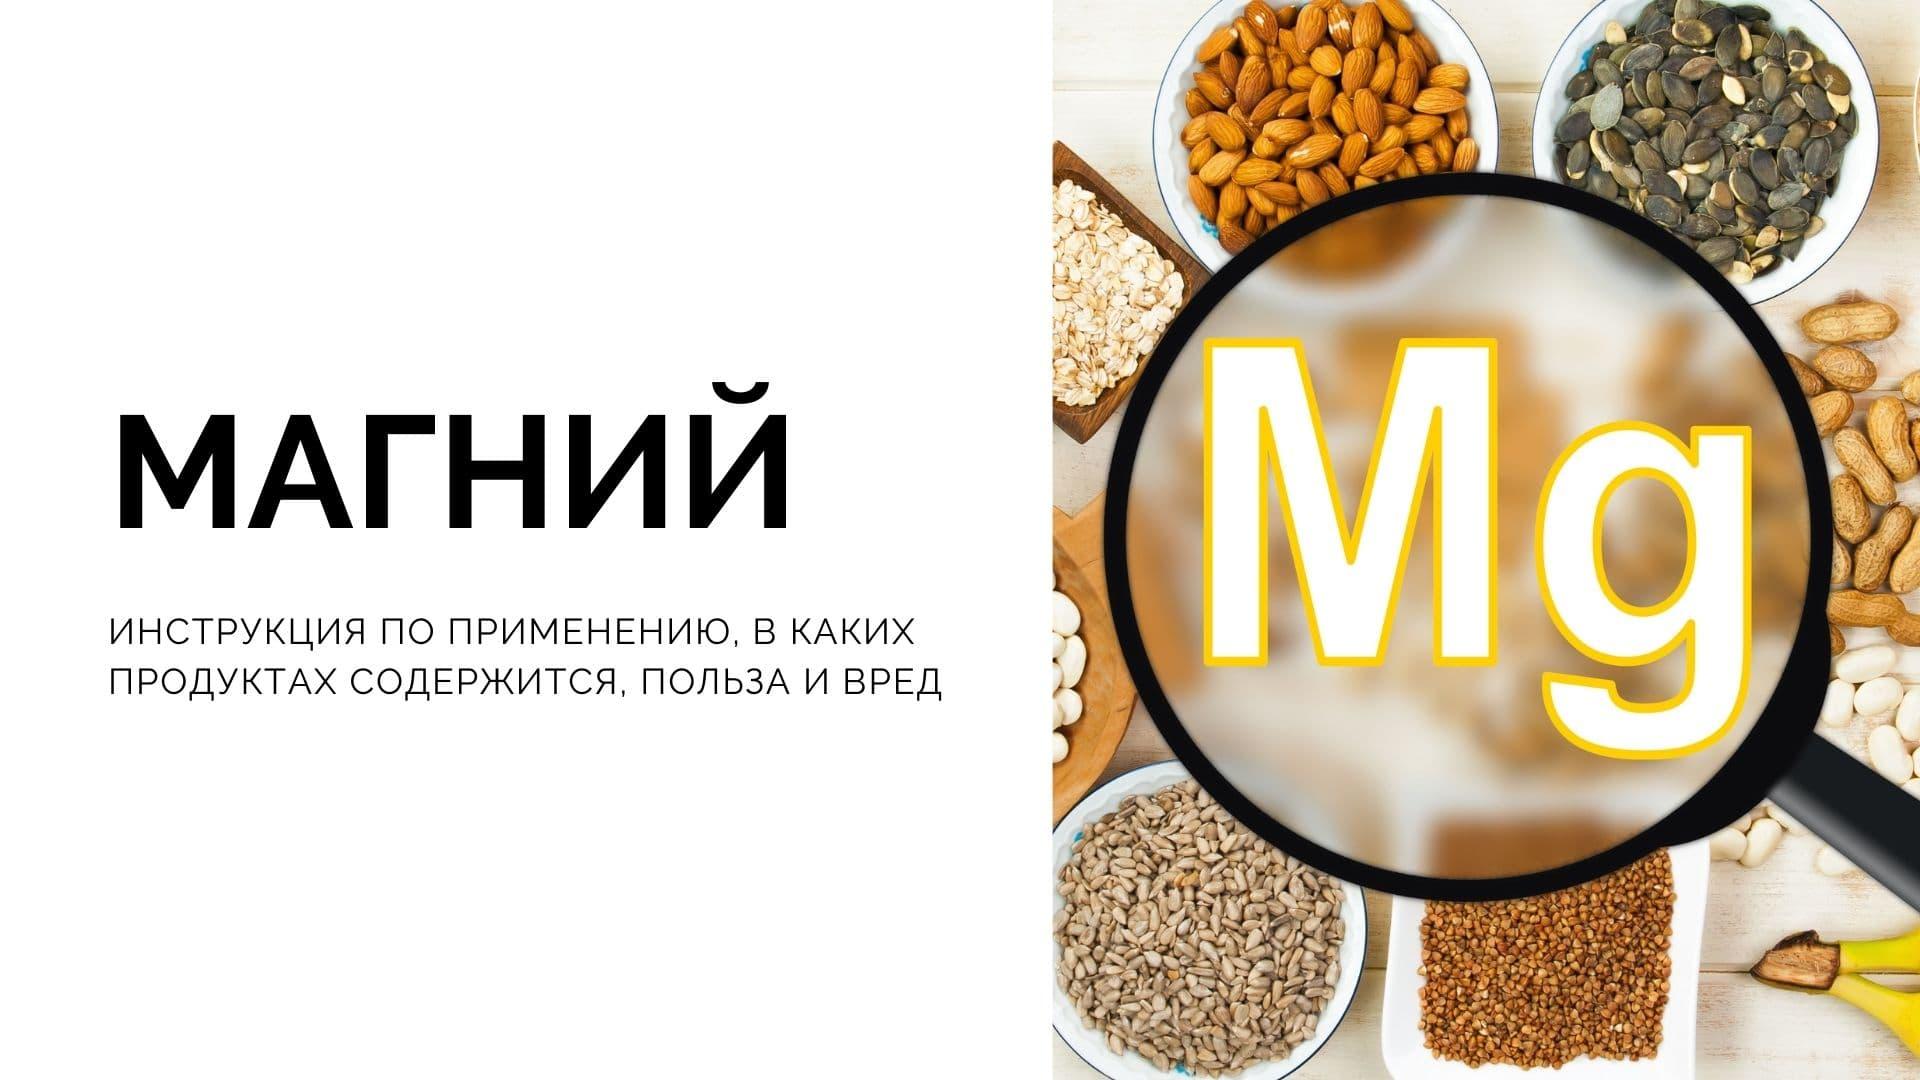 Магний: инструкция по применению, в каких продуктах содержится, польза и вред